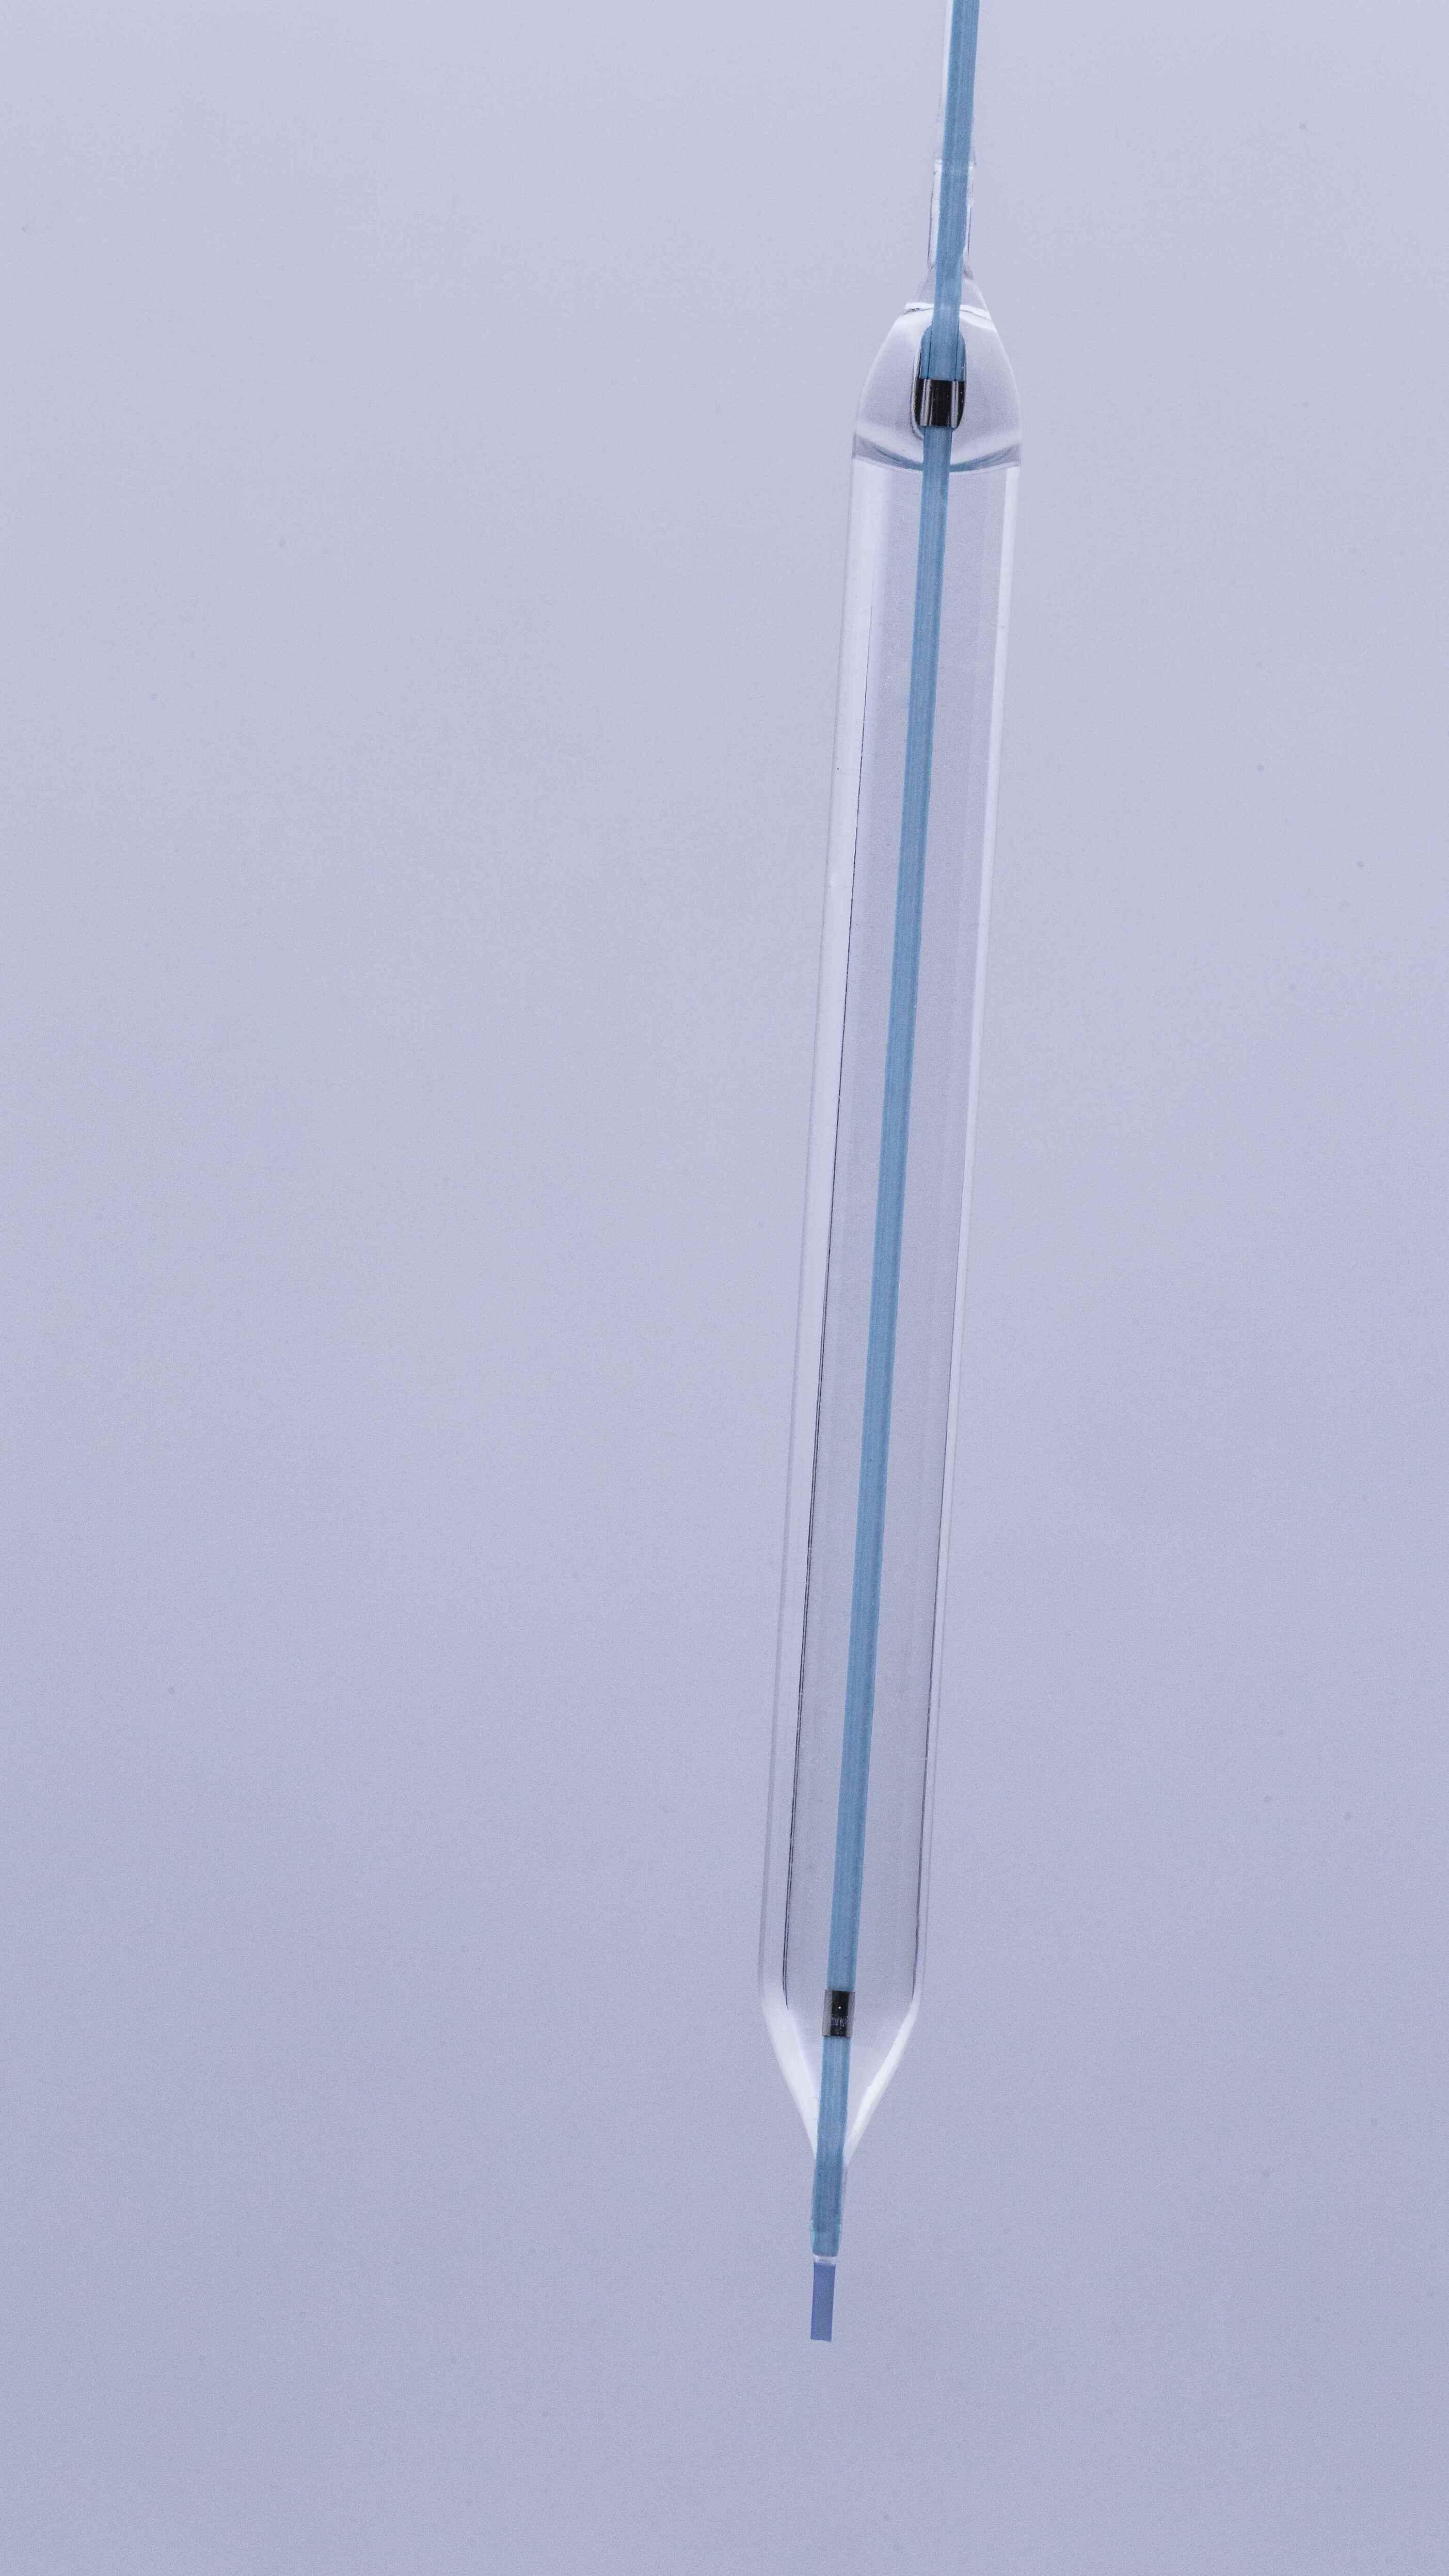 Non Compliant Balloon Dilatation Catheter Medical Supplier